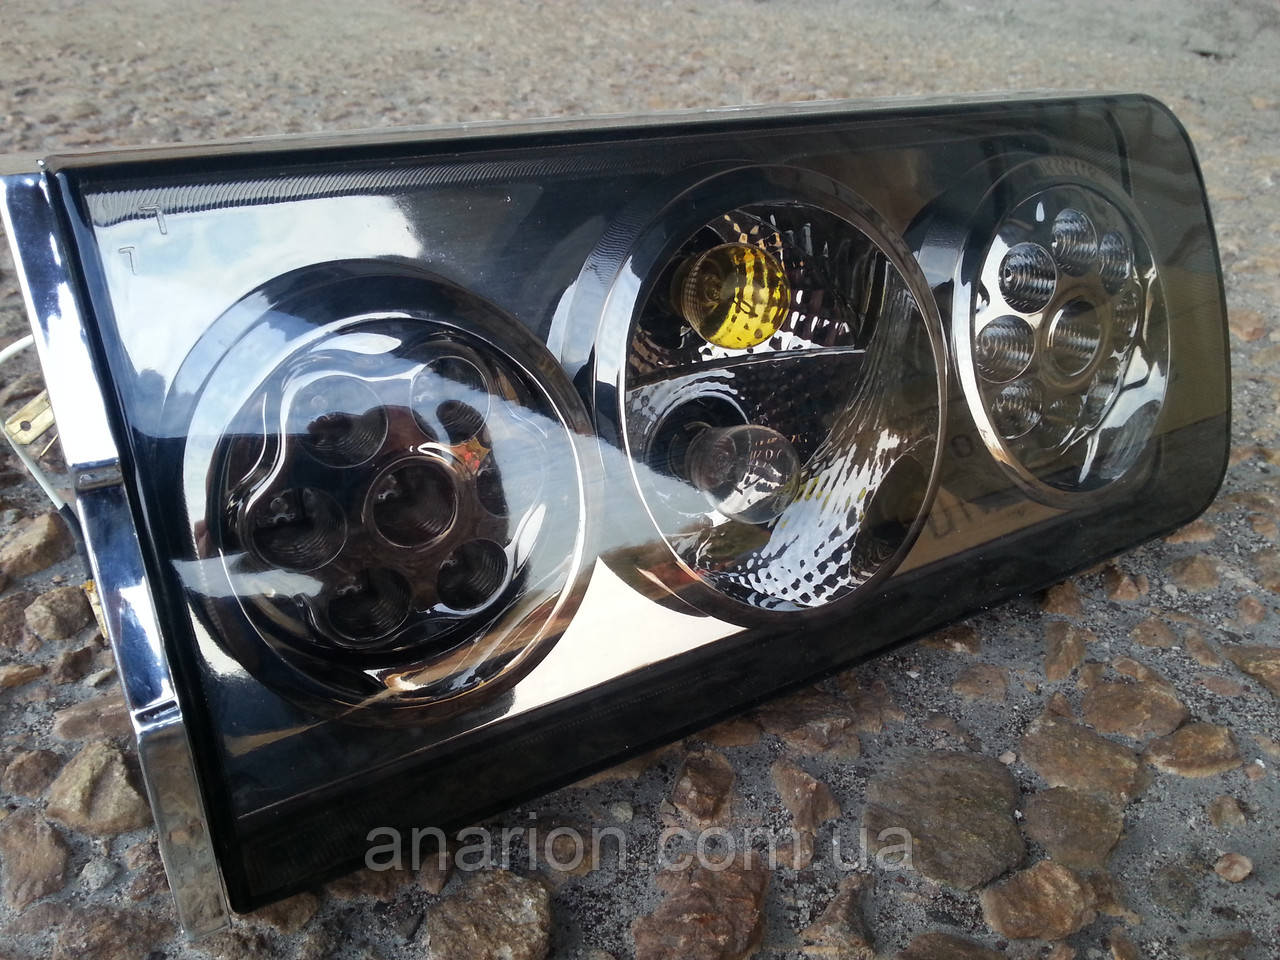 Задние фонари на ВАЗ 2106 Терминатор (диодные)